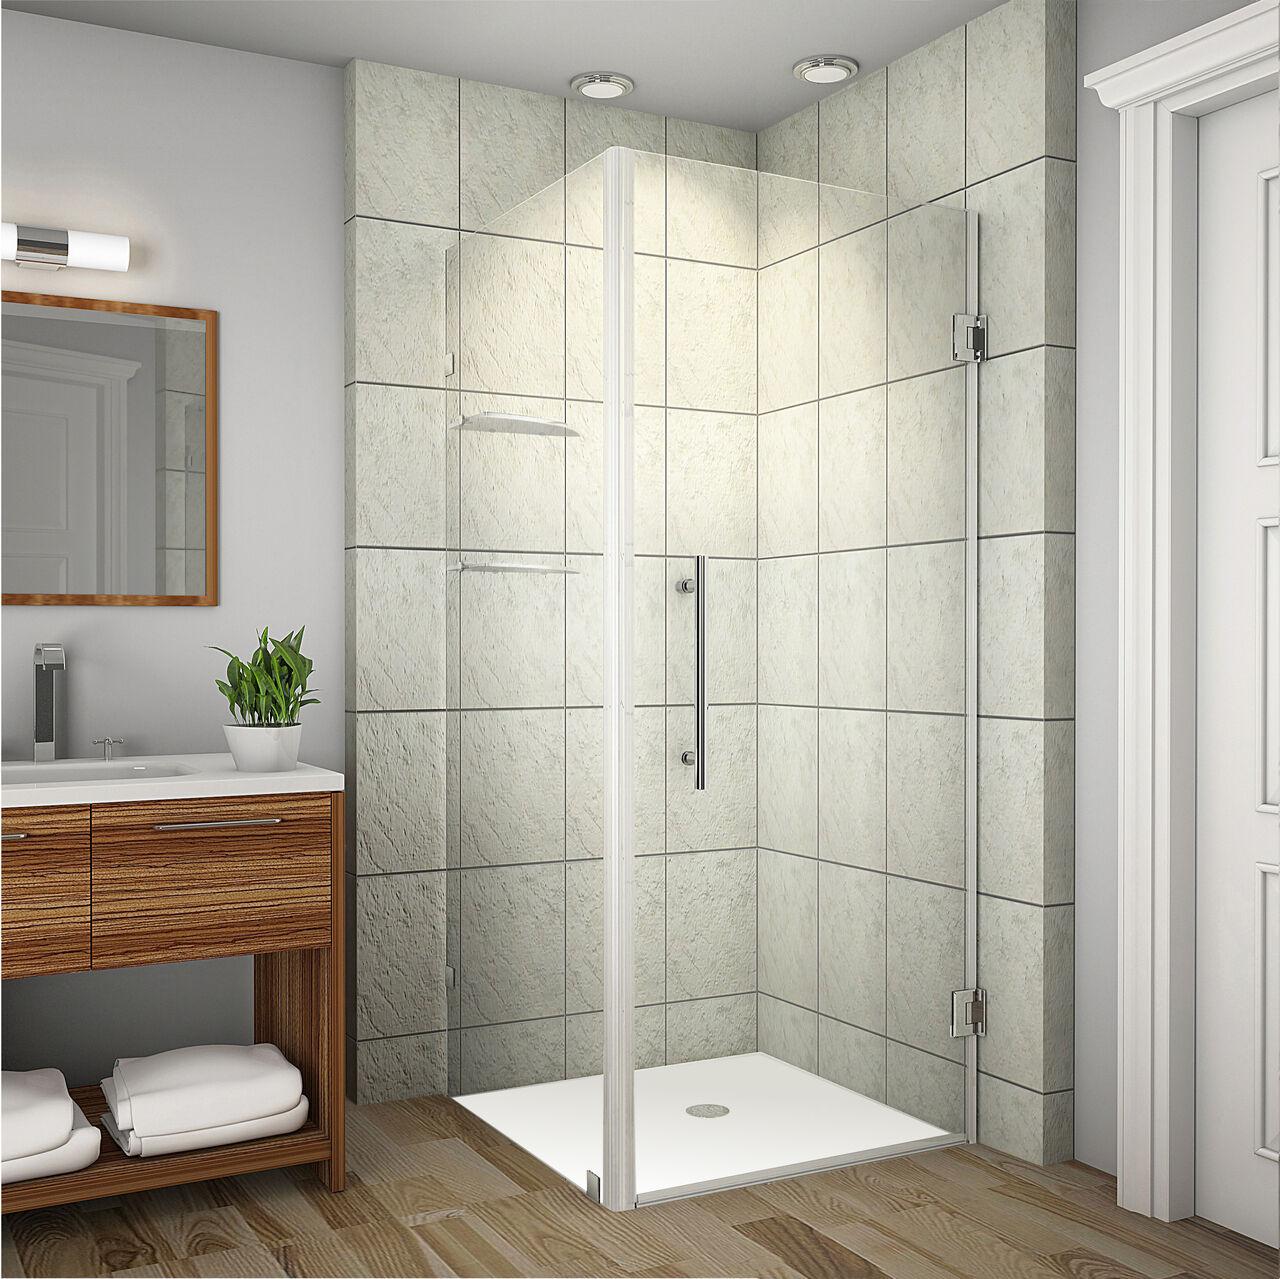 Aston Global Sen993 Aquadica GS Completely Frameless Square Shower ...